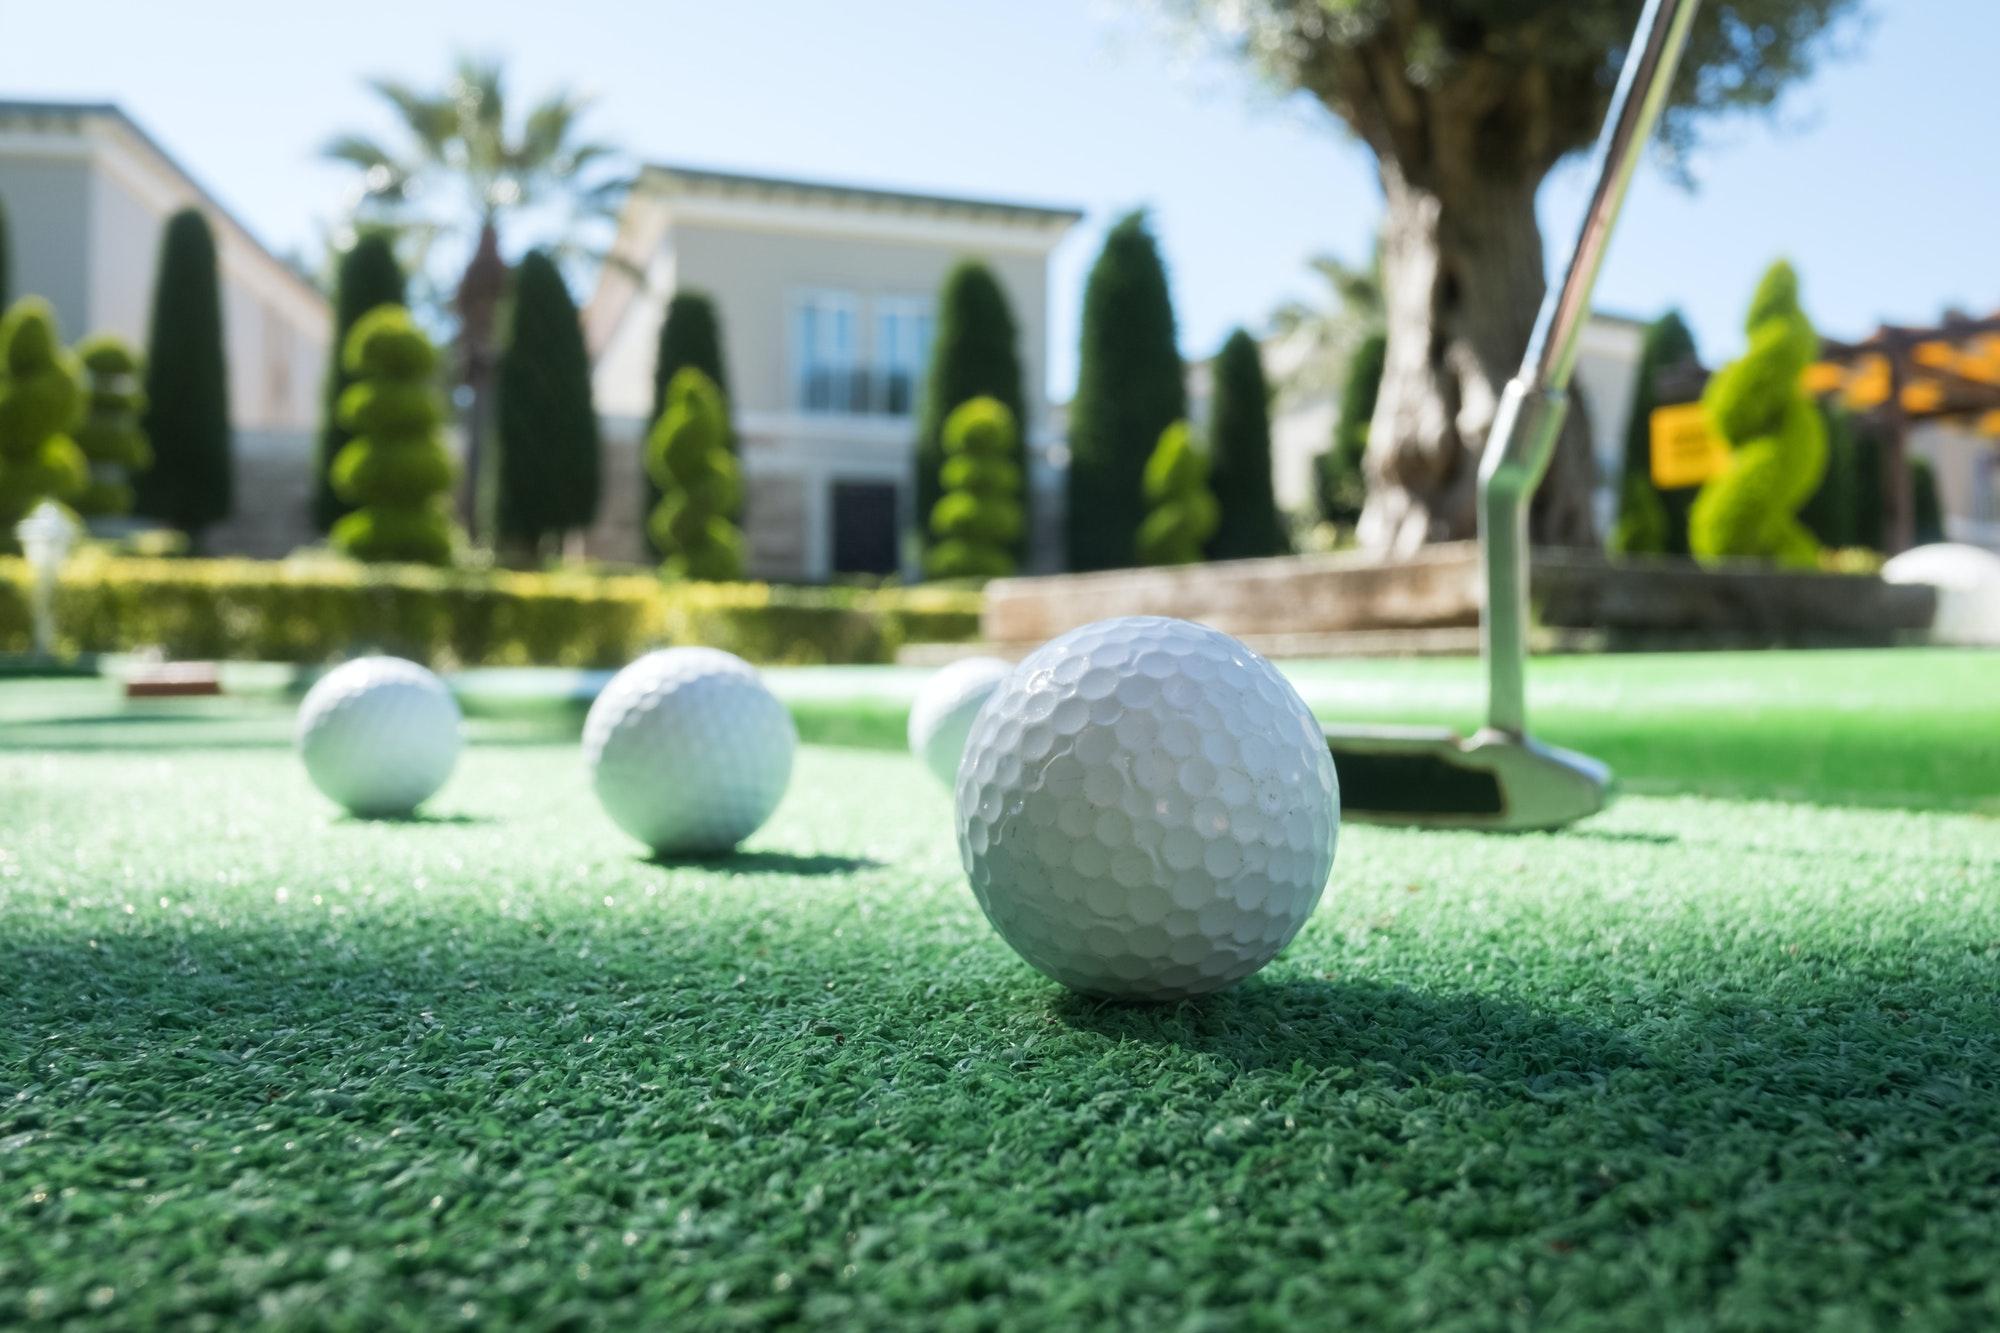 Instalación de Césped Artificial artificial grass hotel Mini golf scene with ball and club